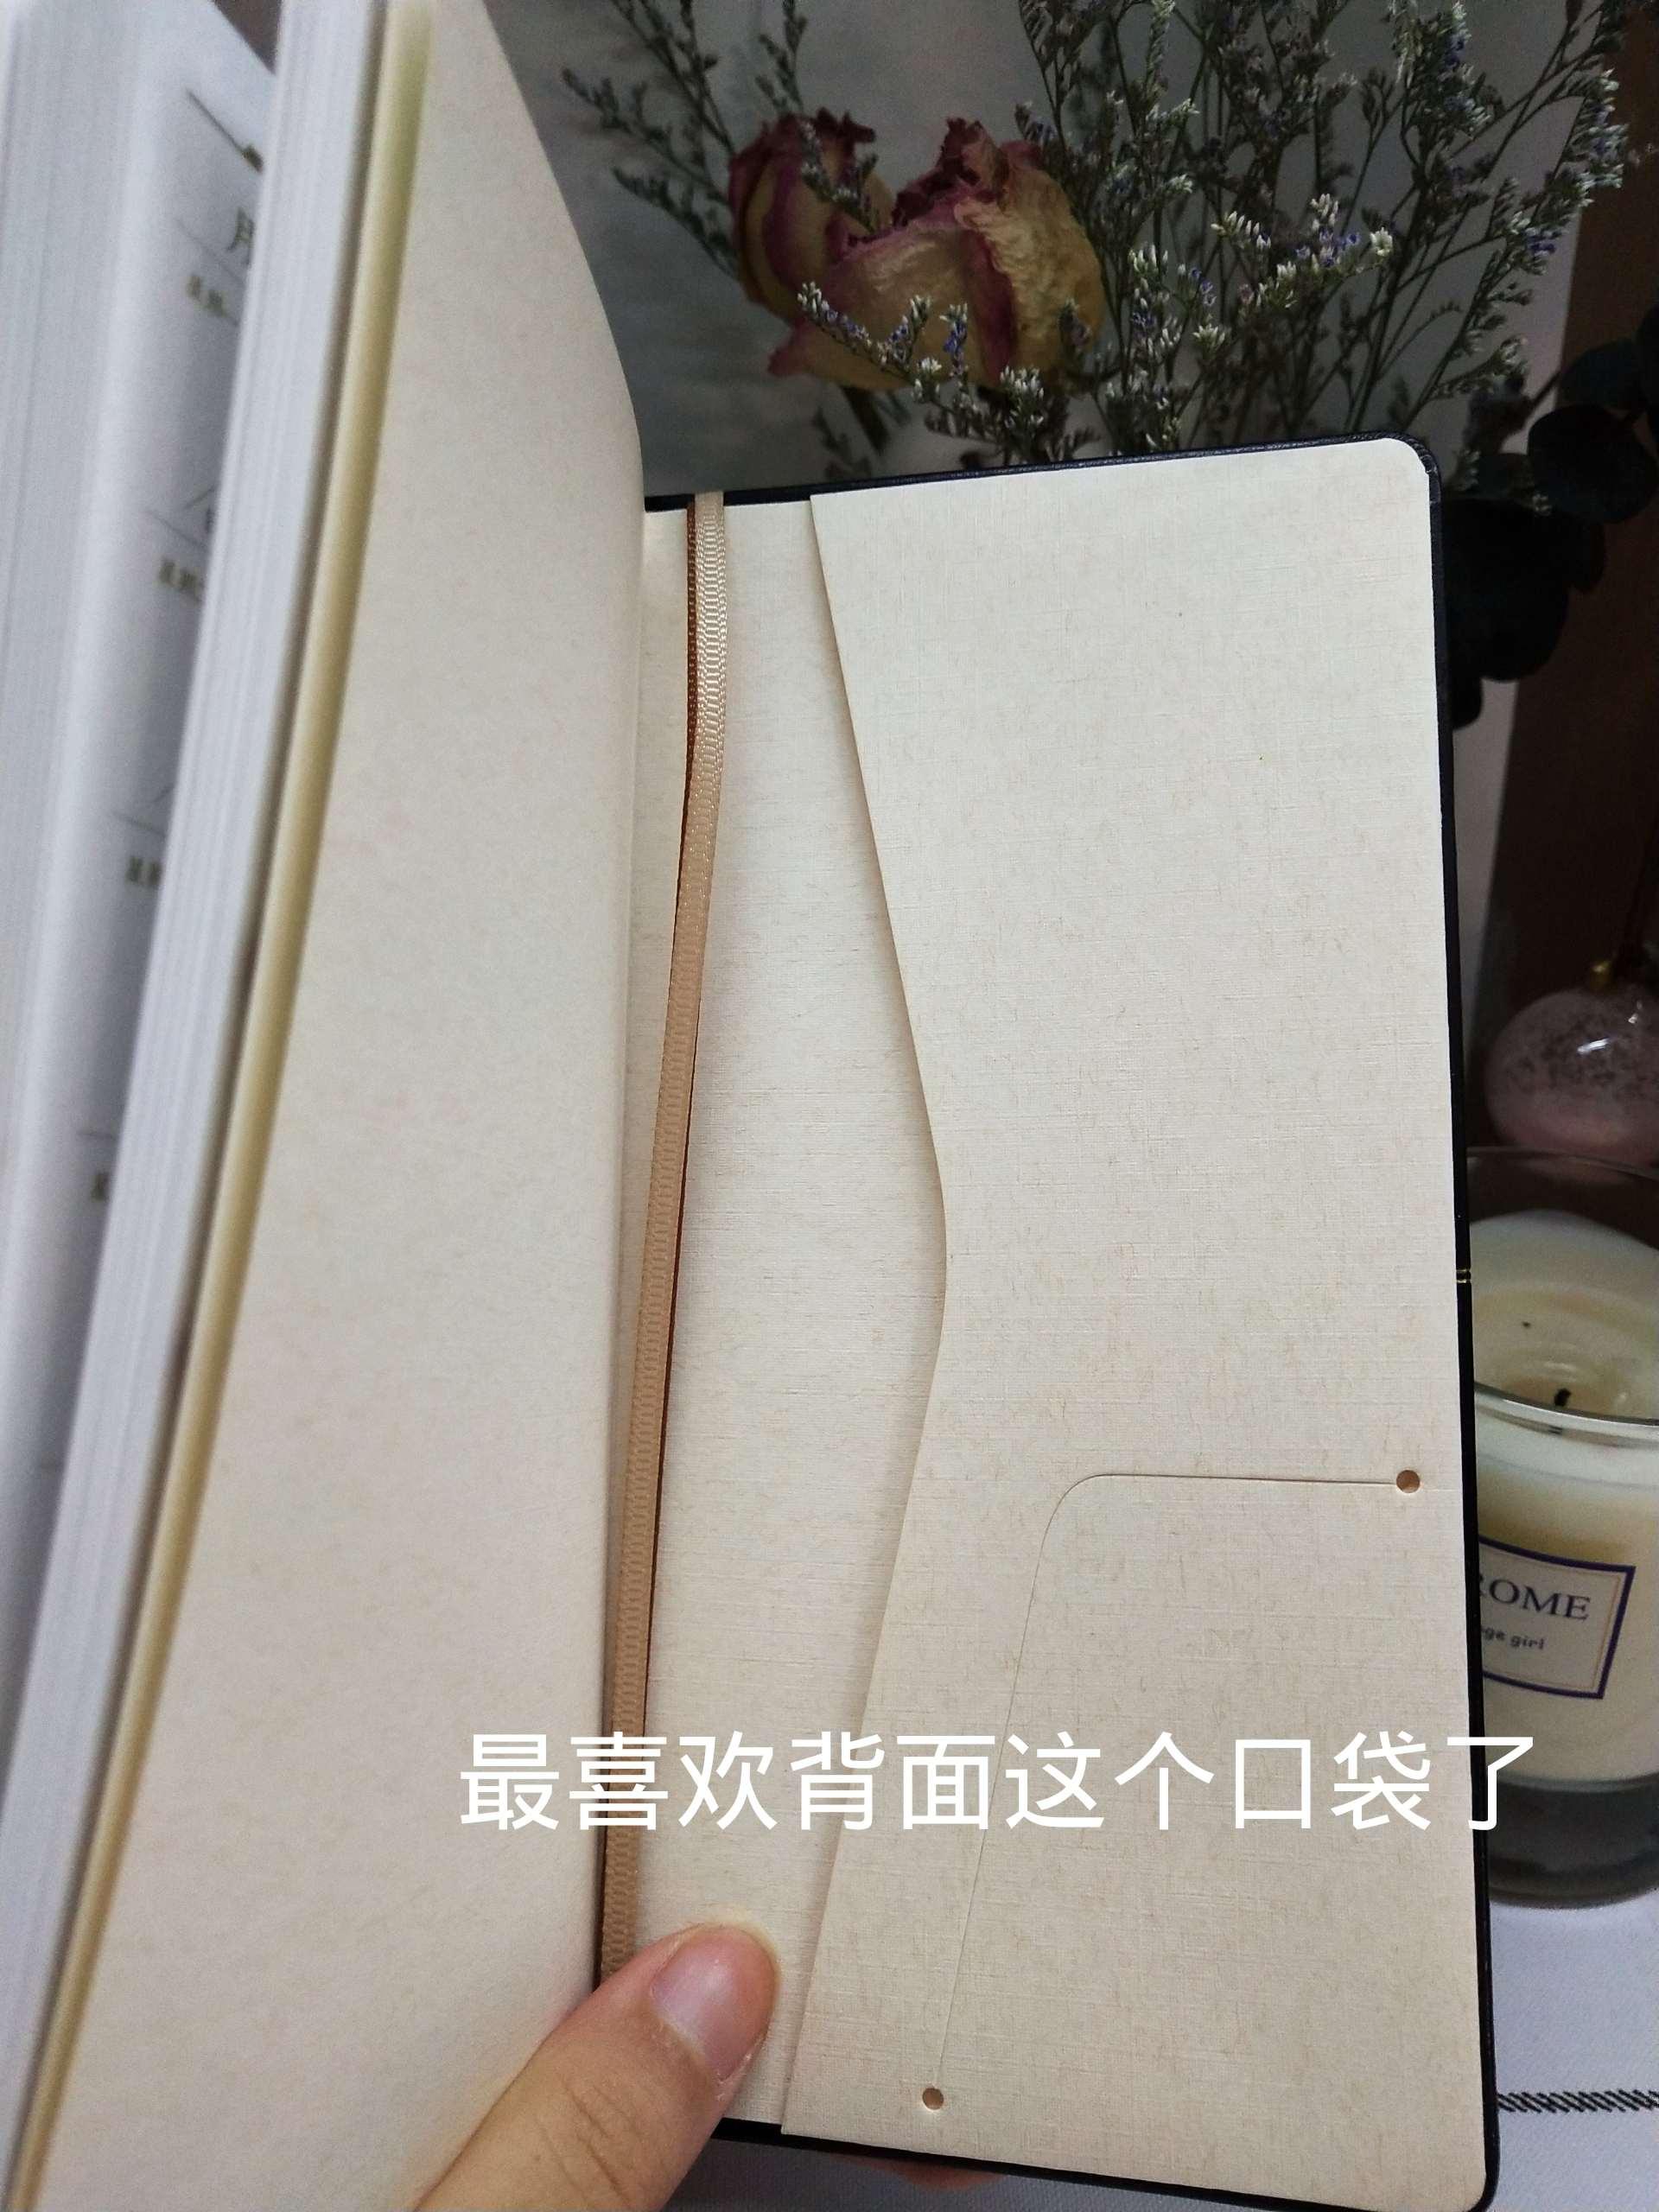 手帐 n9 X 故宫联名锦轴手帐本测评_时光手帐